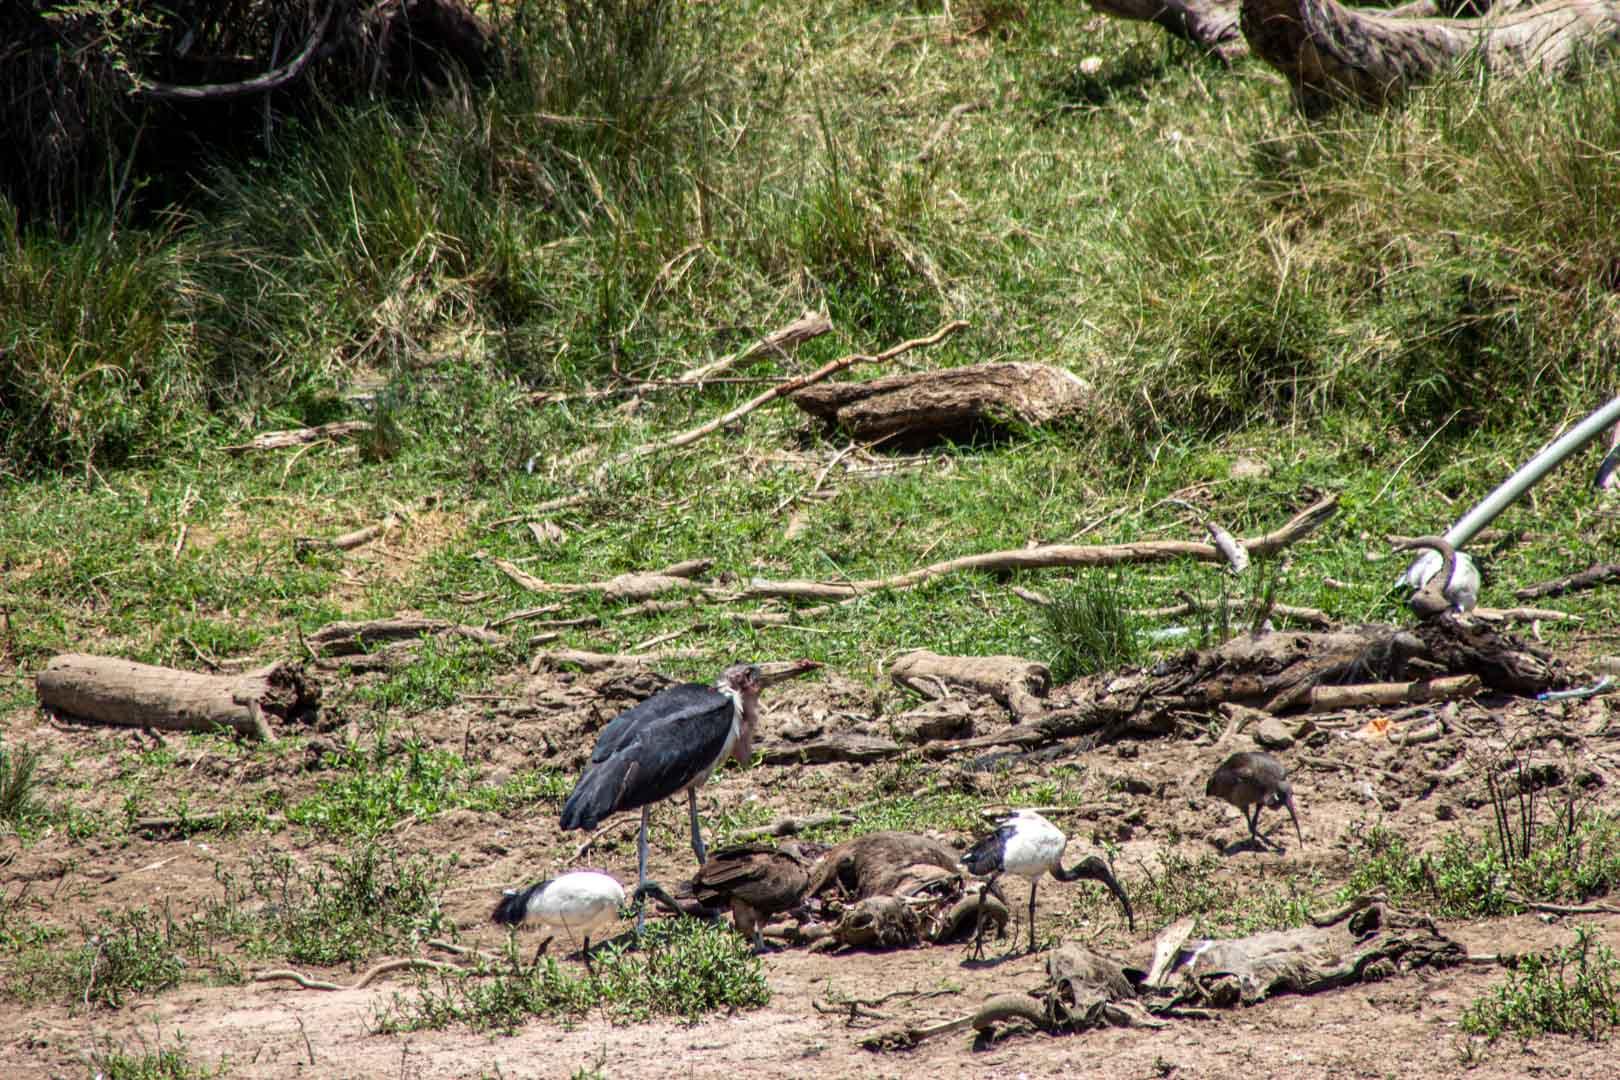 Aves carroñeras y animales muertos a orillas del río Mara, Masai Mara, Kenia